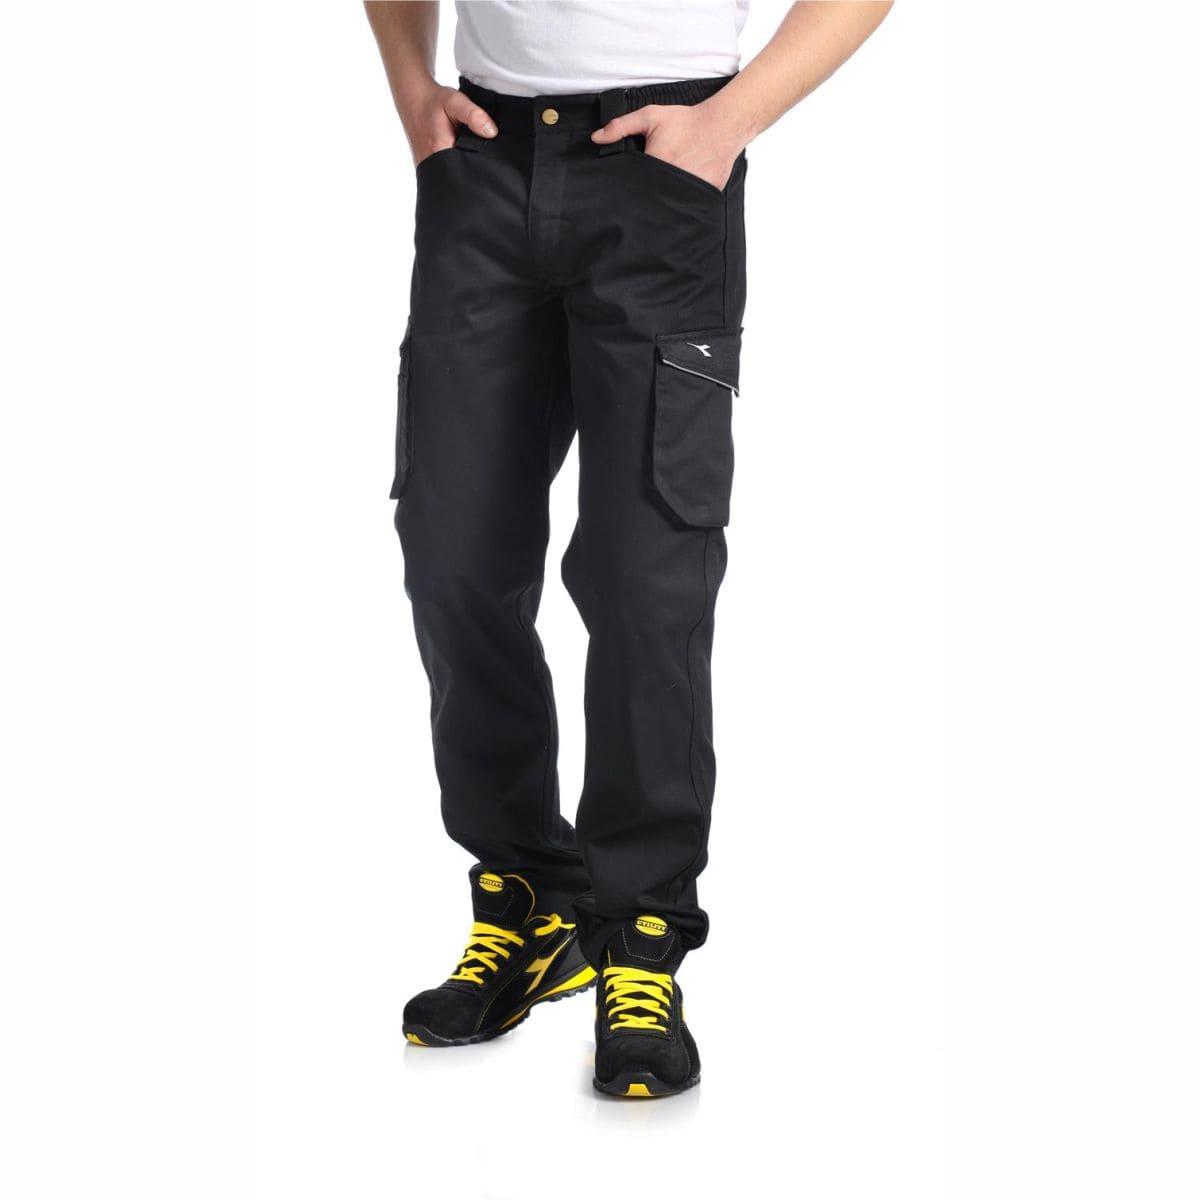 shop reputable site superior quality Staff Pantaloni Diadora